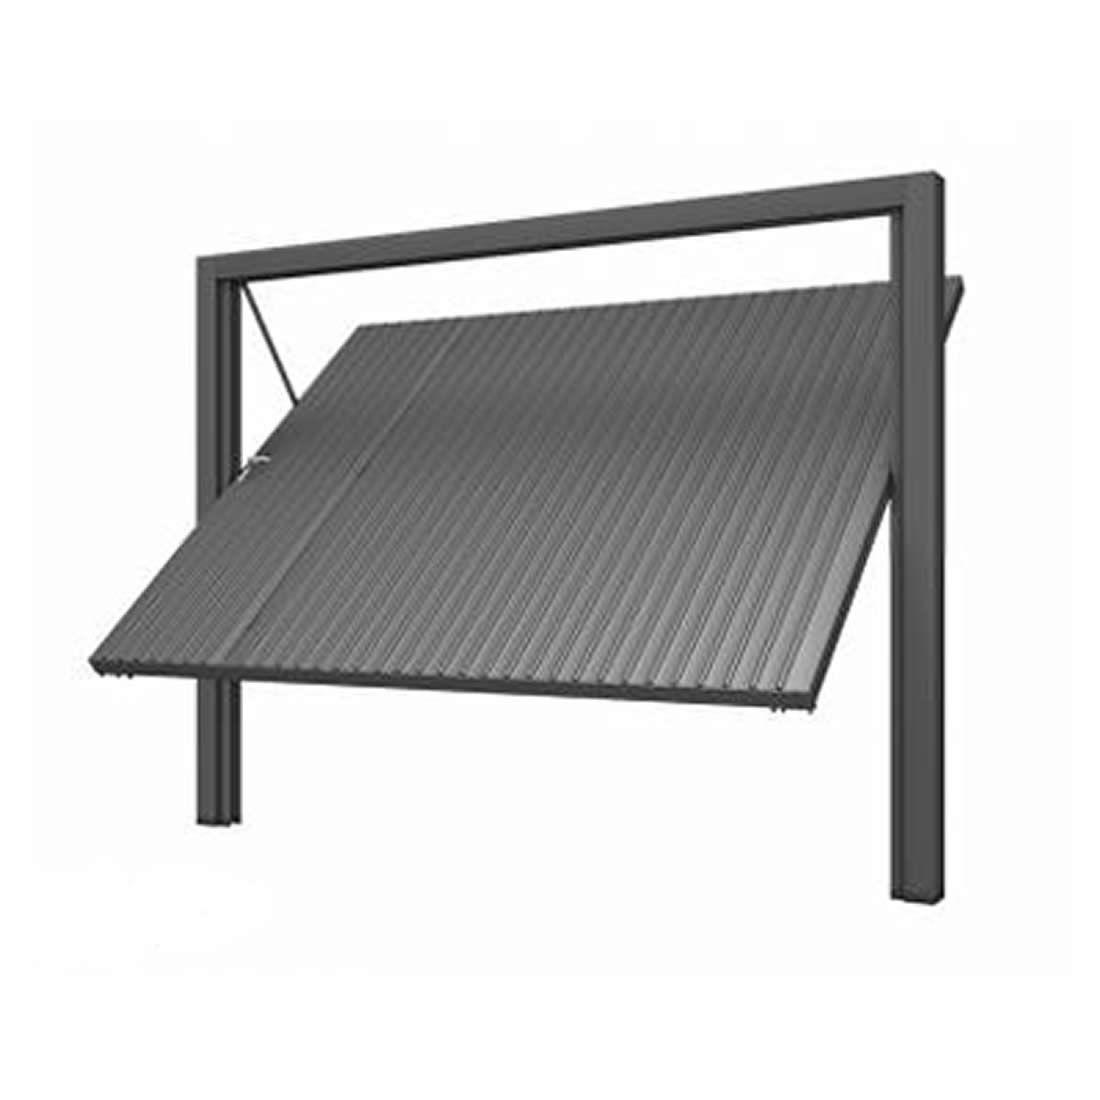 Portão Lucasa Contrapeso de Aço Chapa Frisada 220 X 285 Ref 4002.2